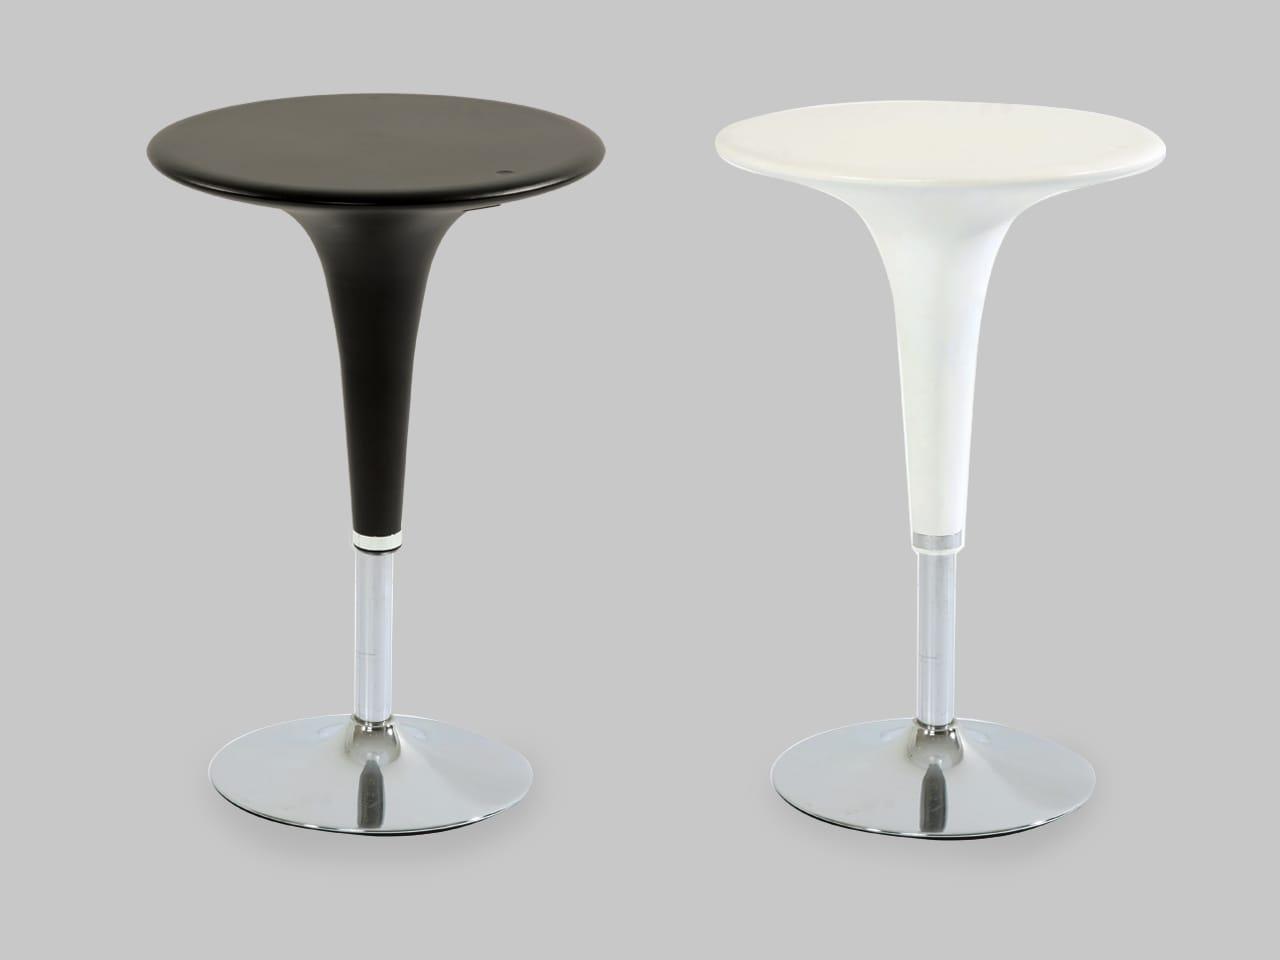 Jovan Height Adjule Bar Table